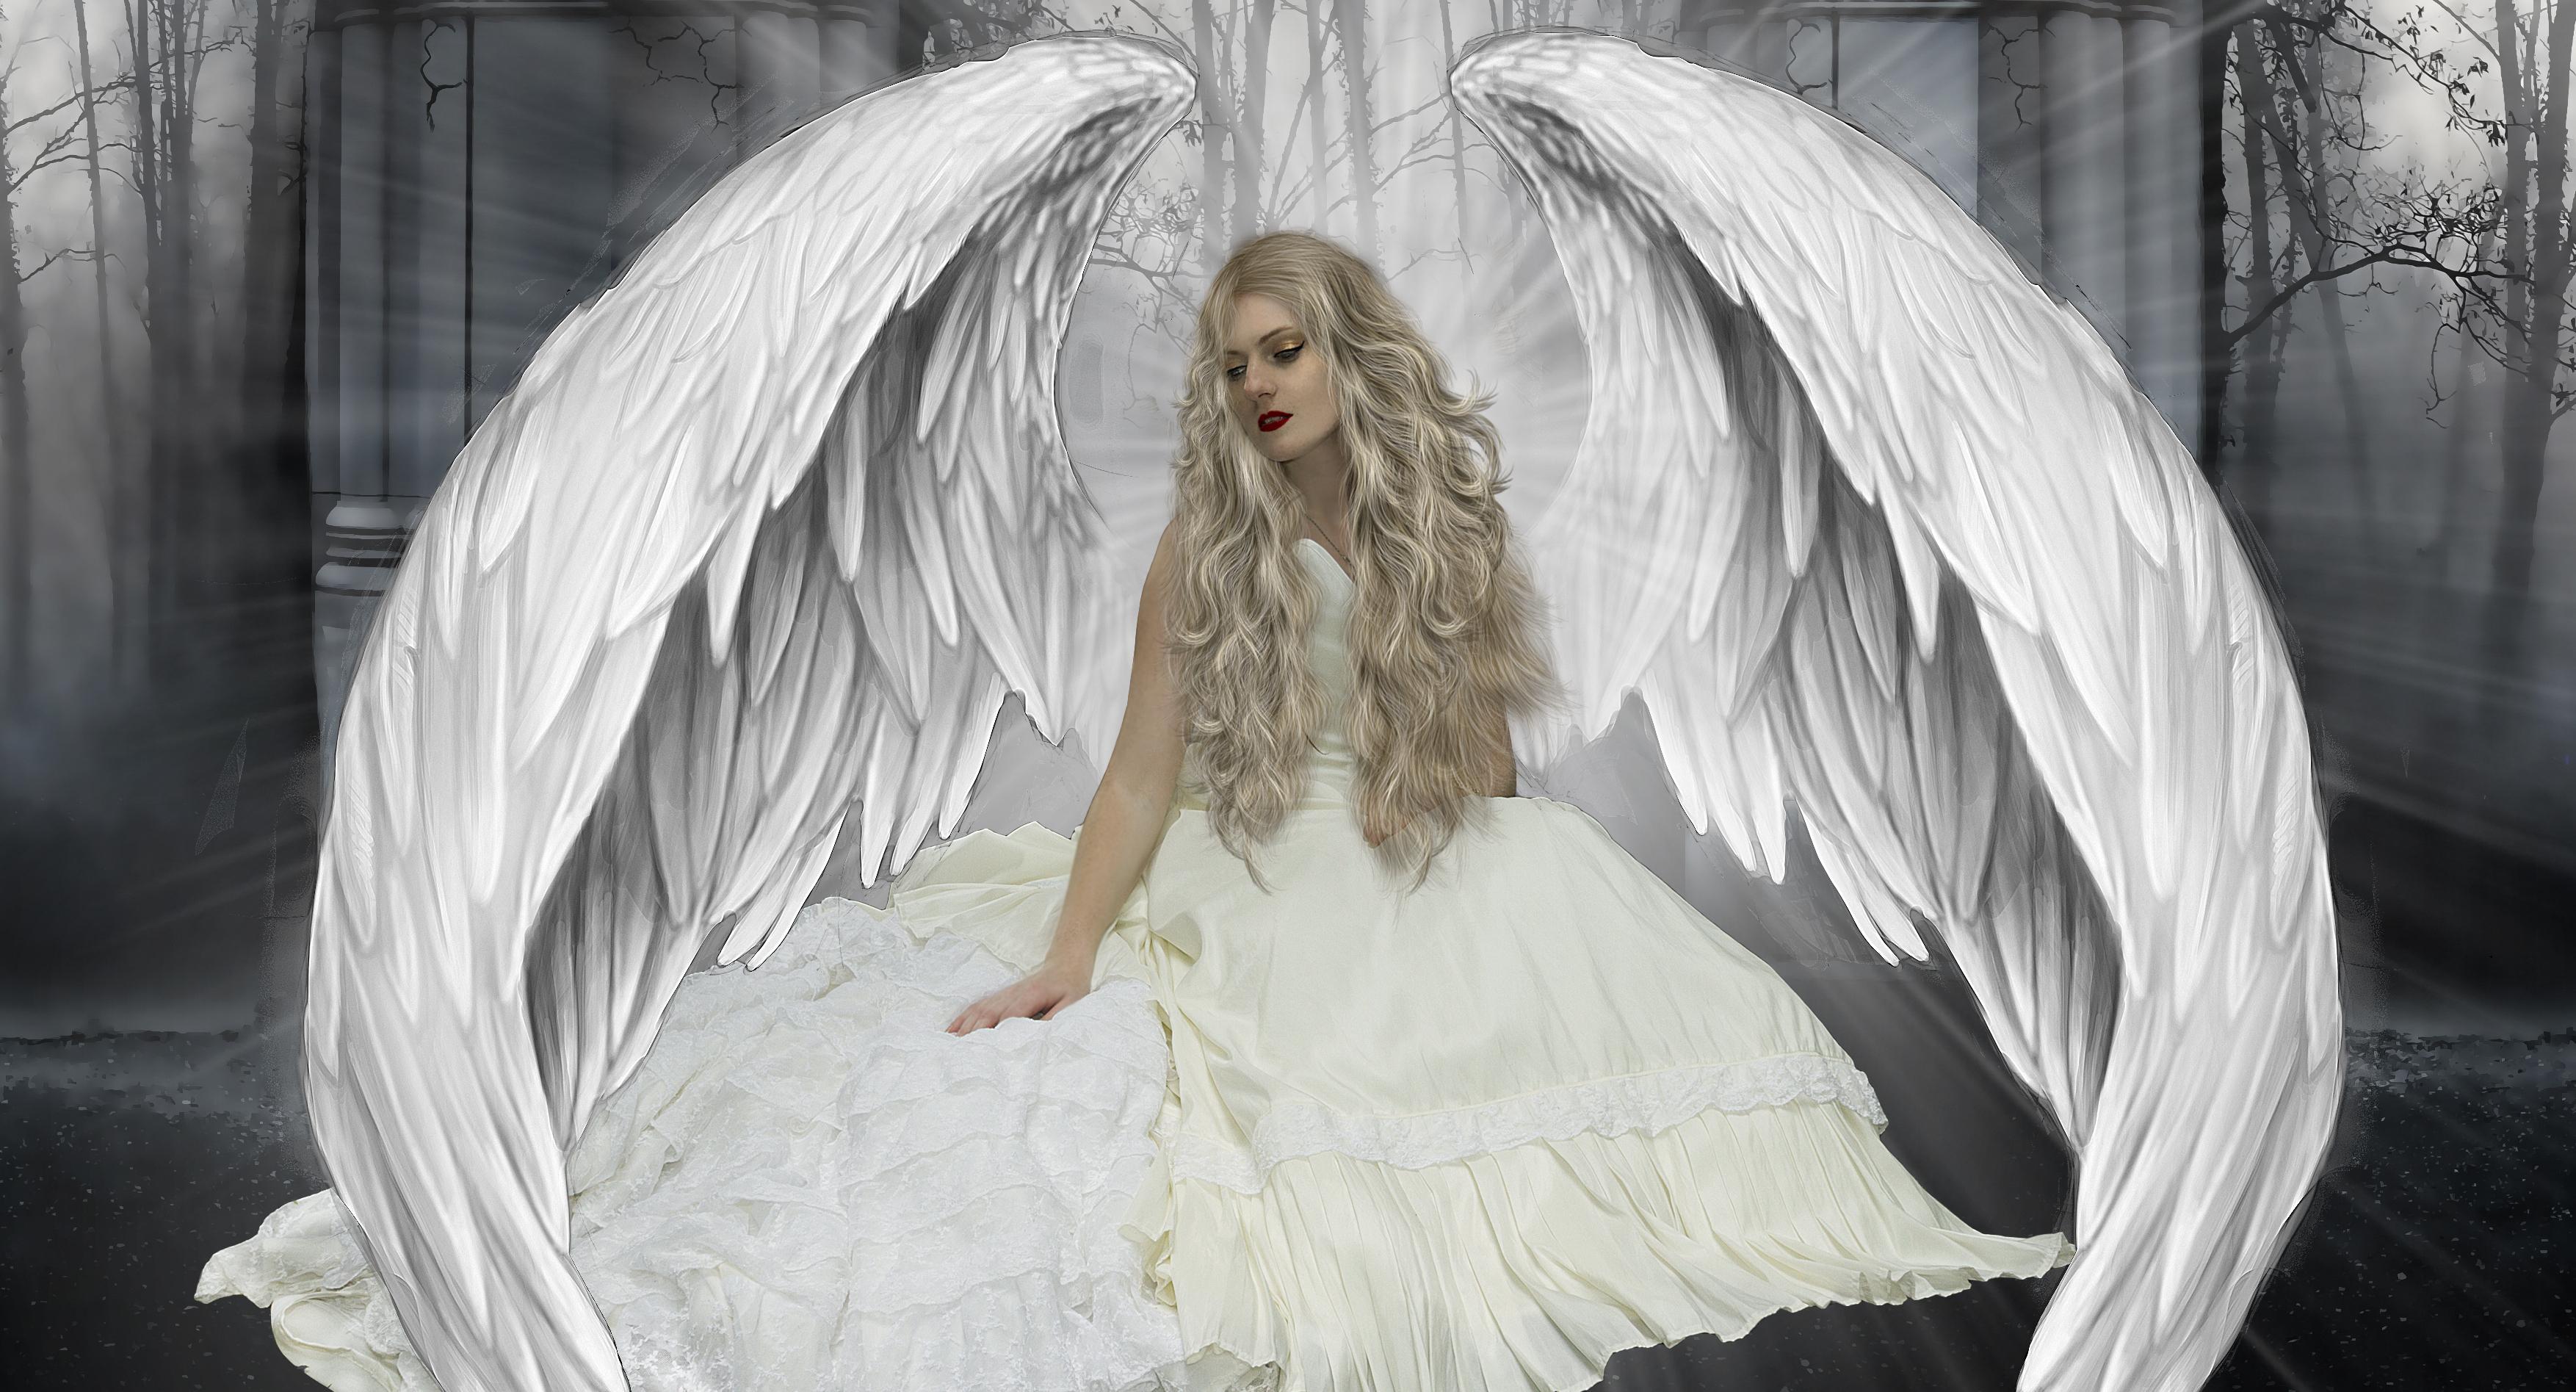 Blonde Engel mit perfekten Körper Blanche Bradburry reibt Ihre rosa muschi